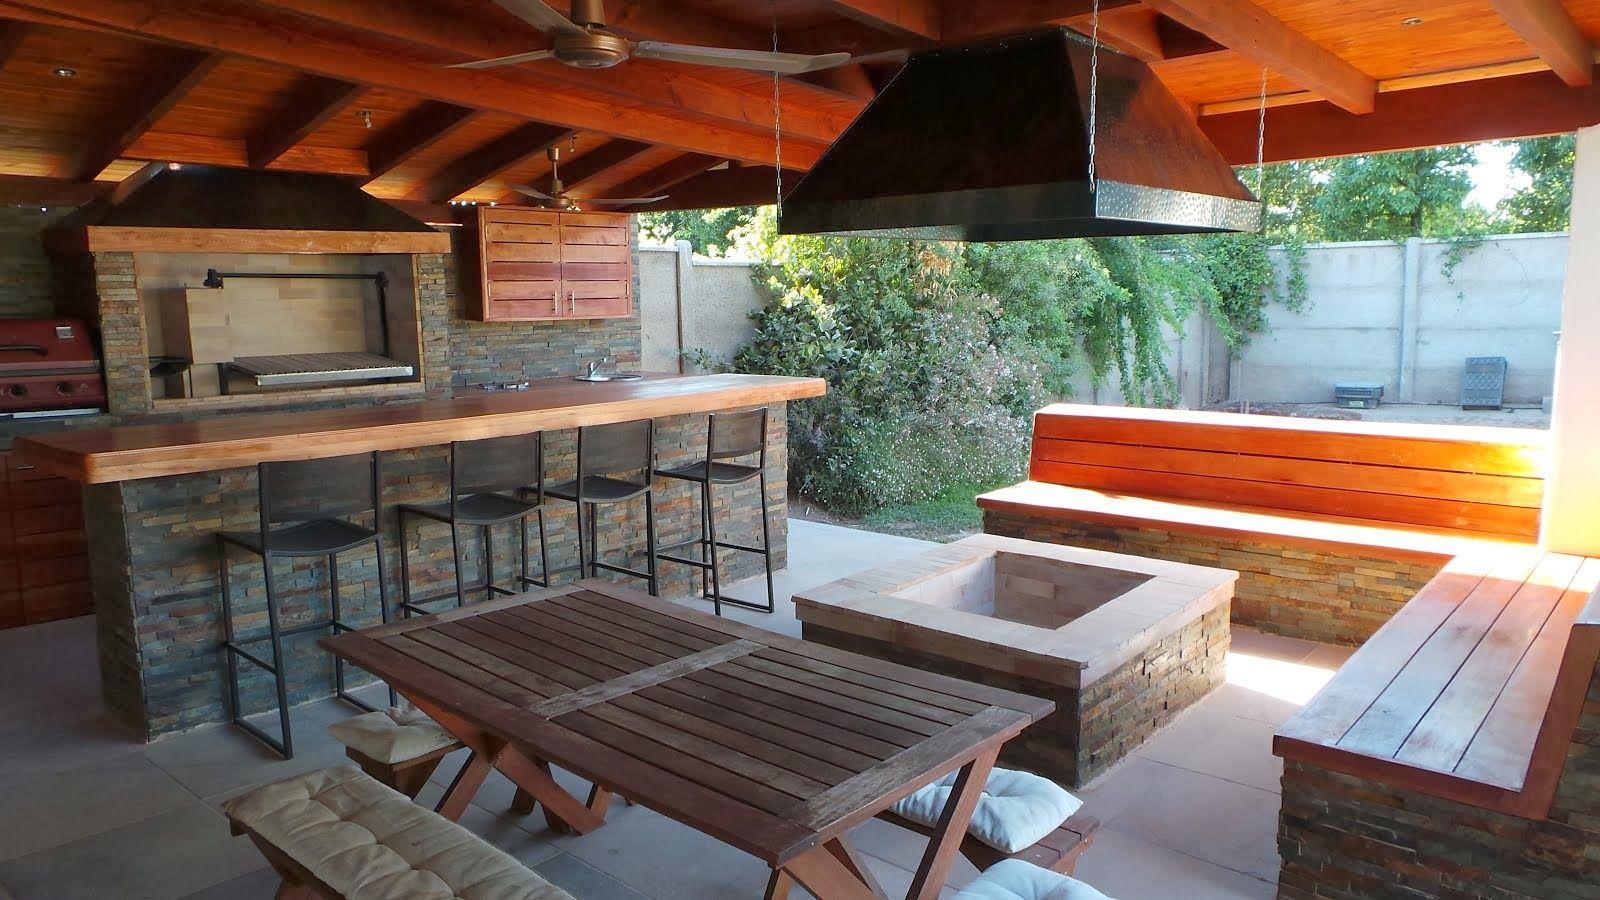 Quincho | decoraciones para casas | Pinterest | Barbacoa, Patios and ...